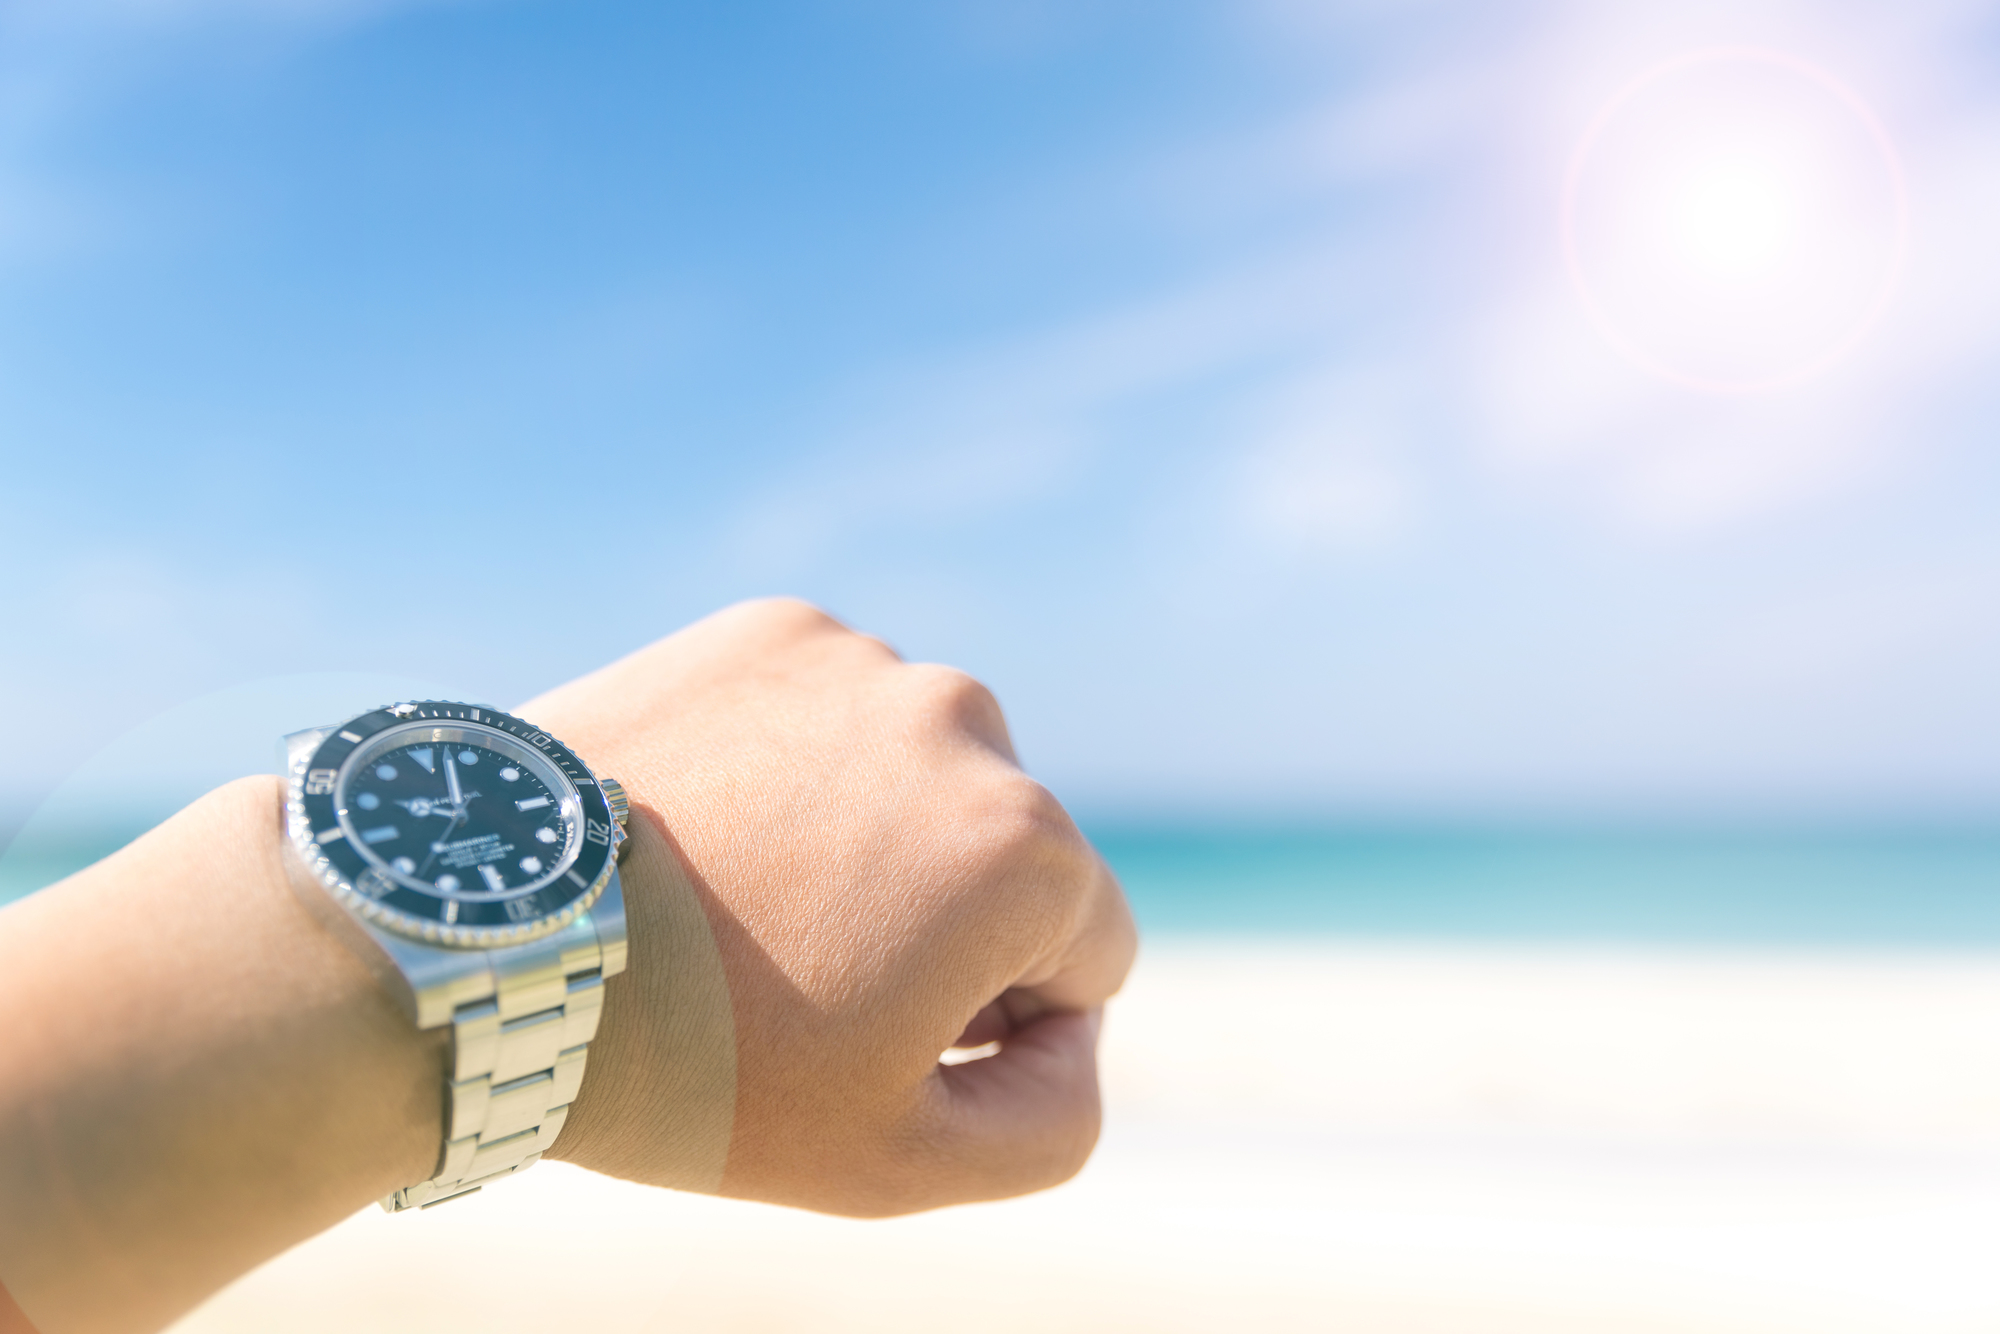 【リゾバ持ち物】リゾートバイトで使う腕時計は〇〇が大切!